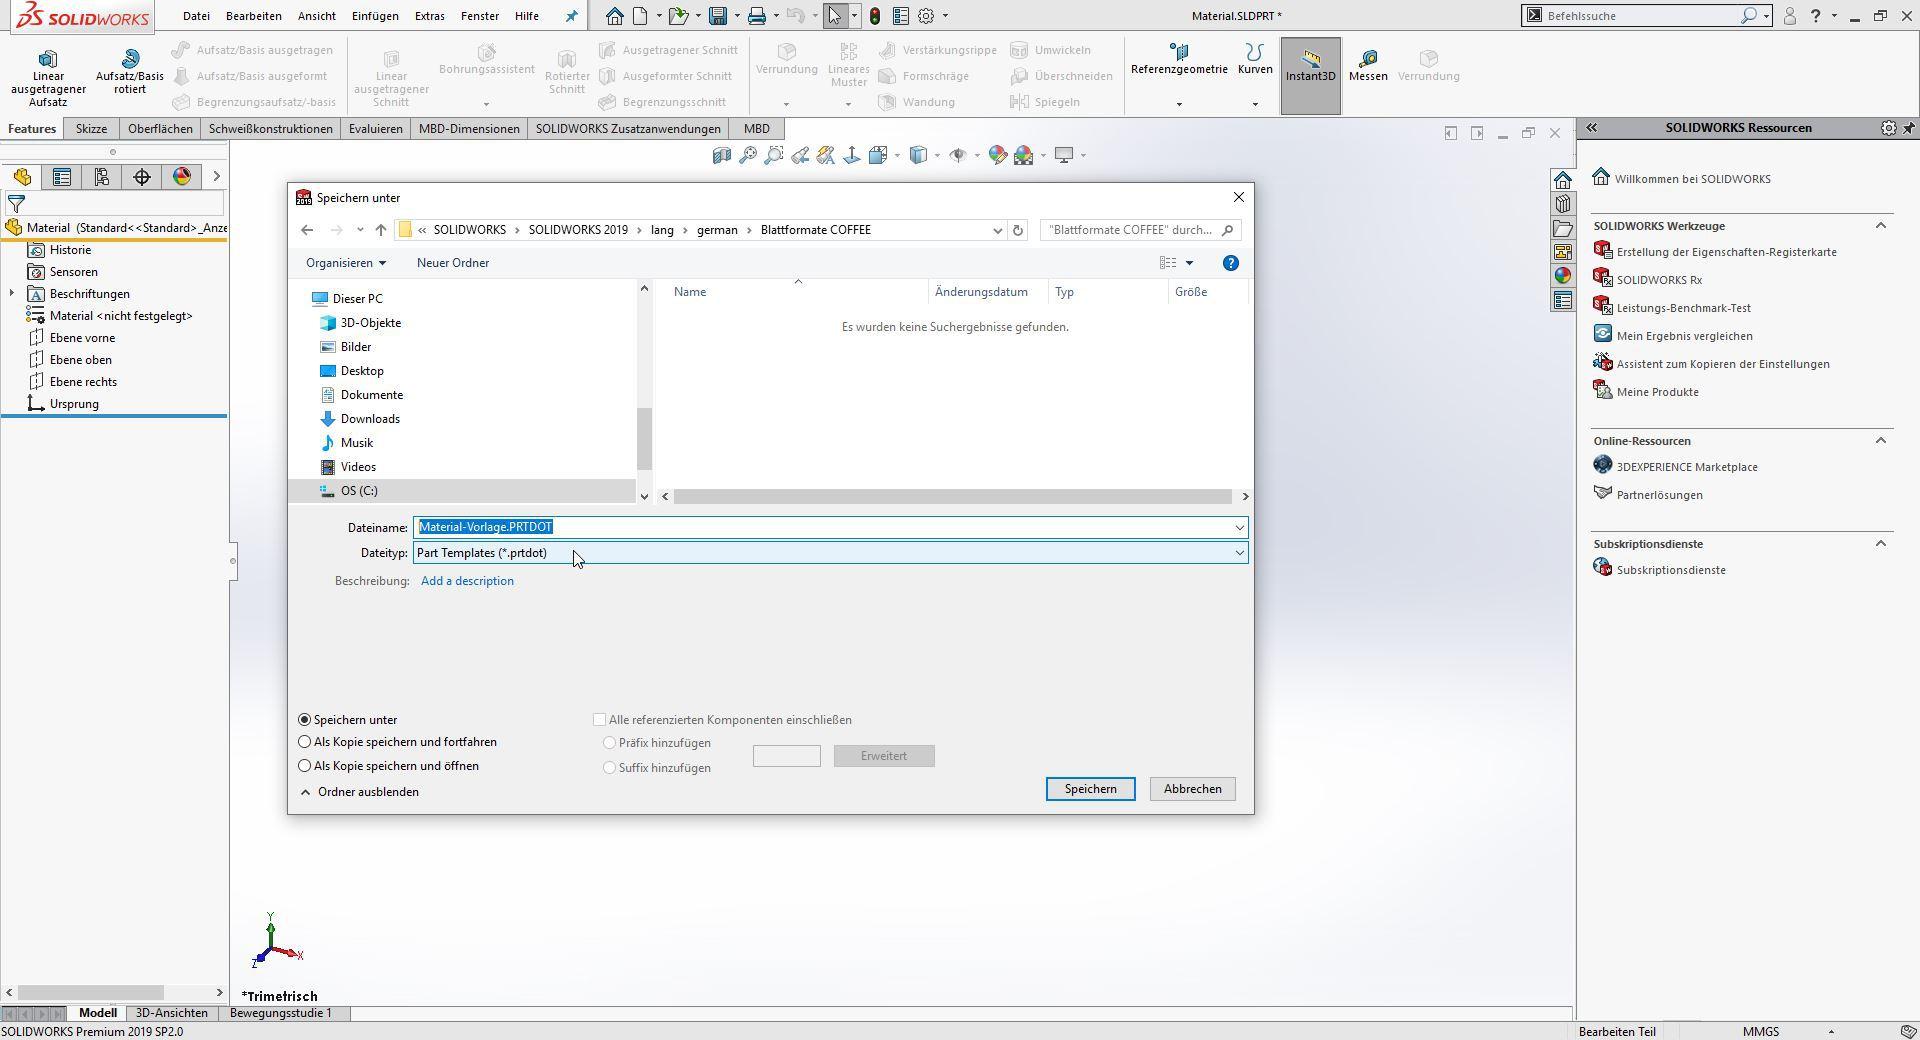 SOLIDWORKS Dokumentenvorlage speichern Schritt 2